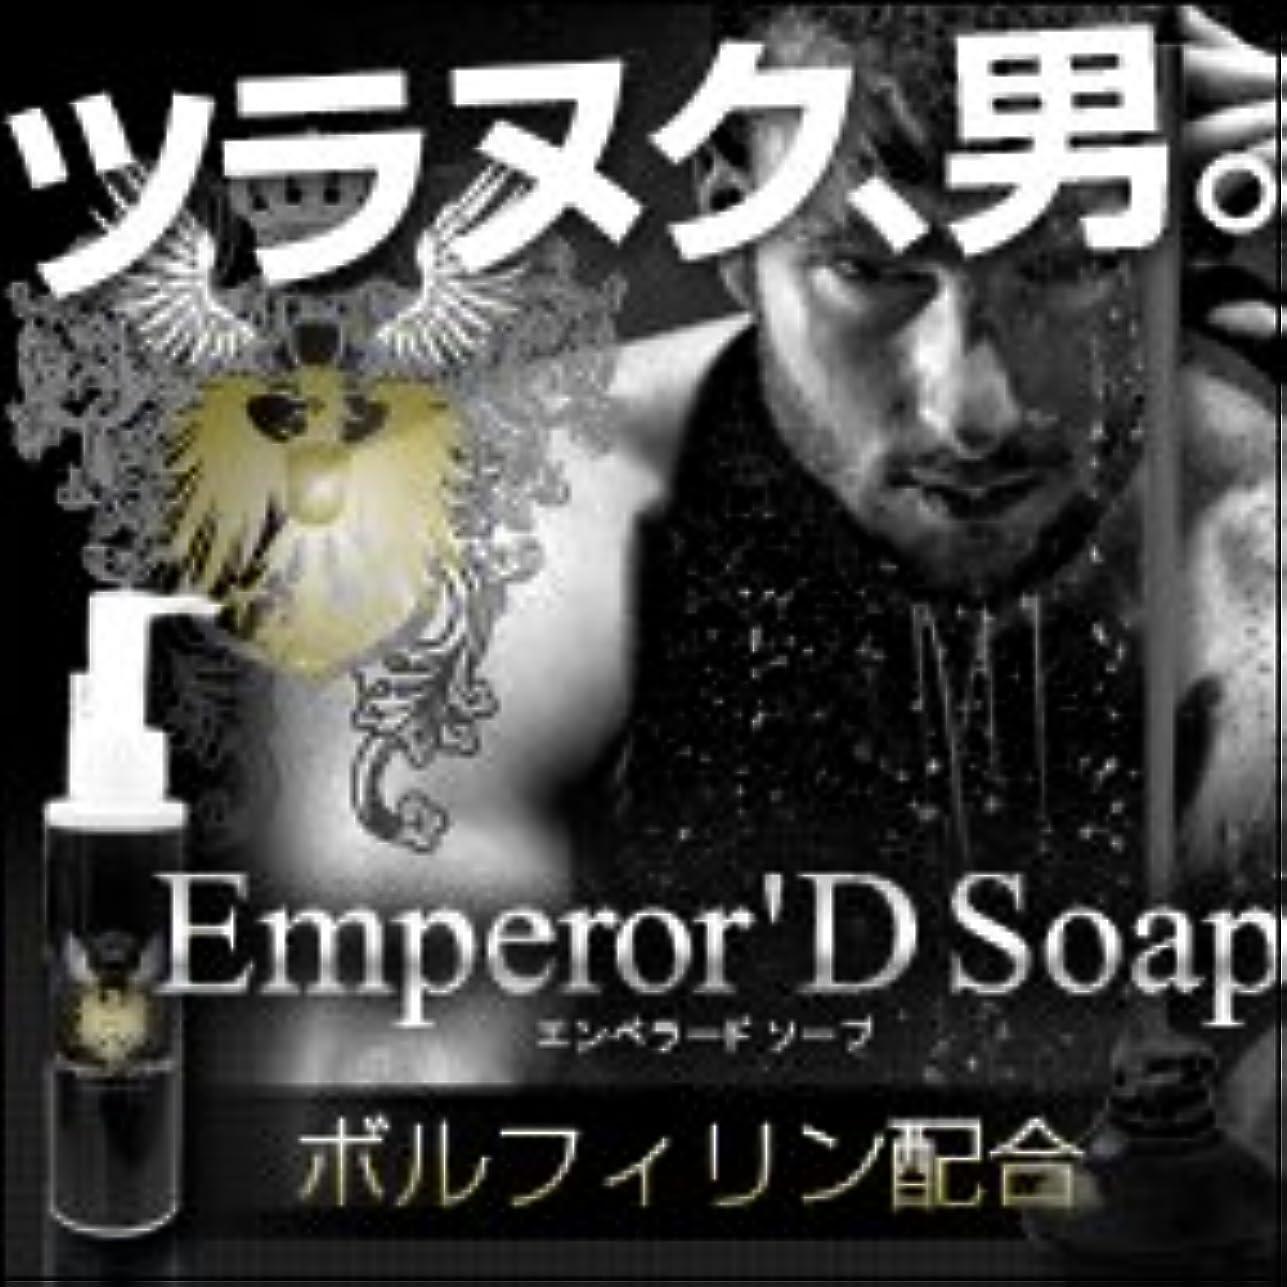 言う豊富にノベルティ【Emperor'D Soap(エンペラードソープ)】ツラヌク男になる!!!